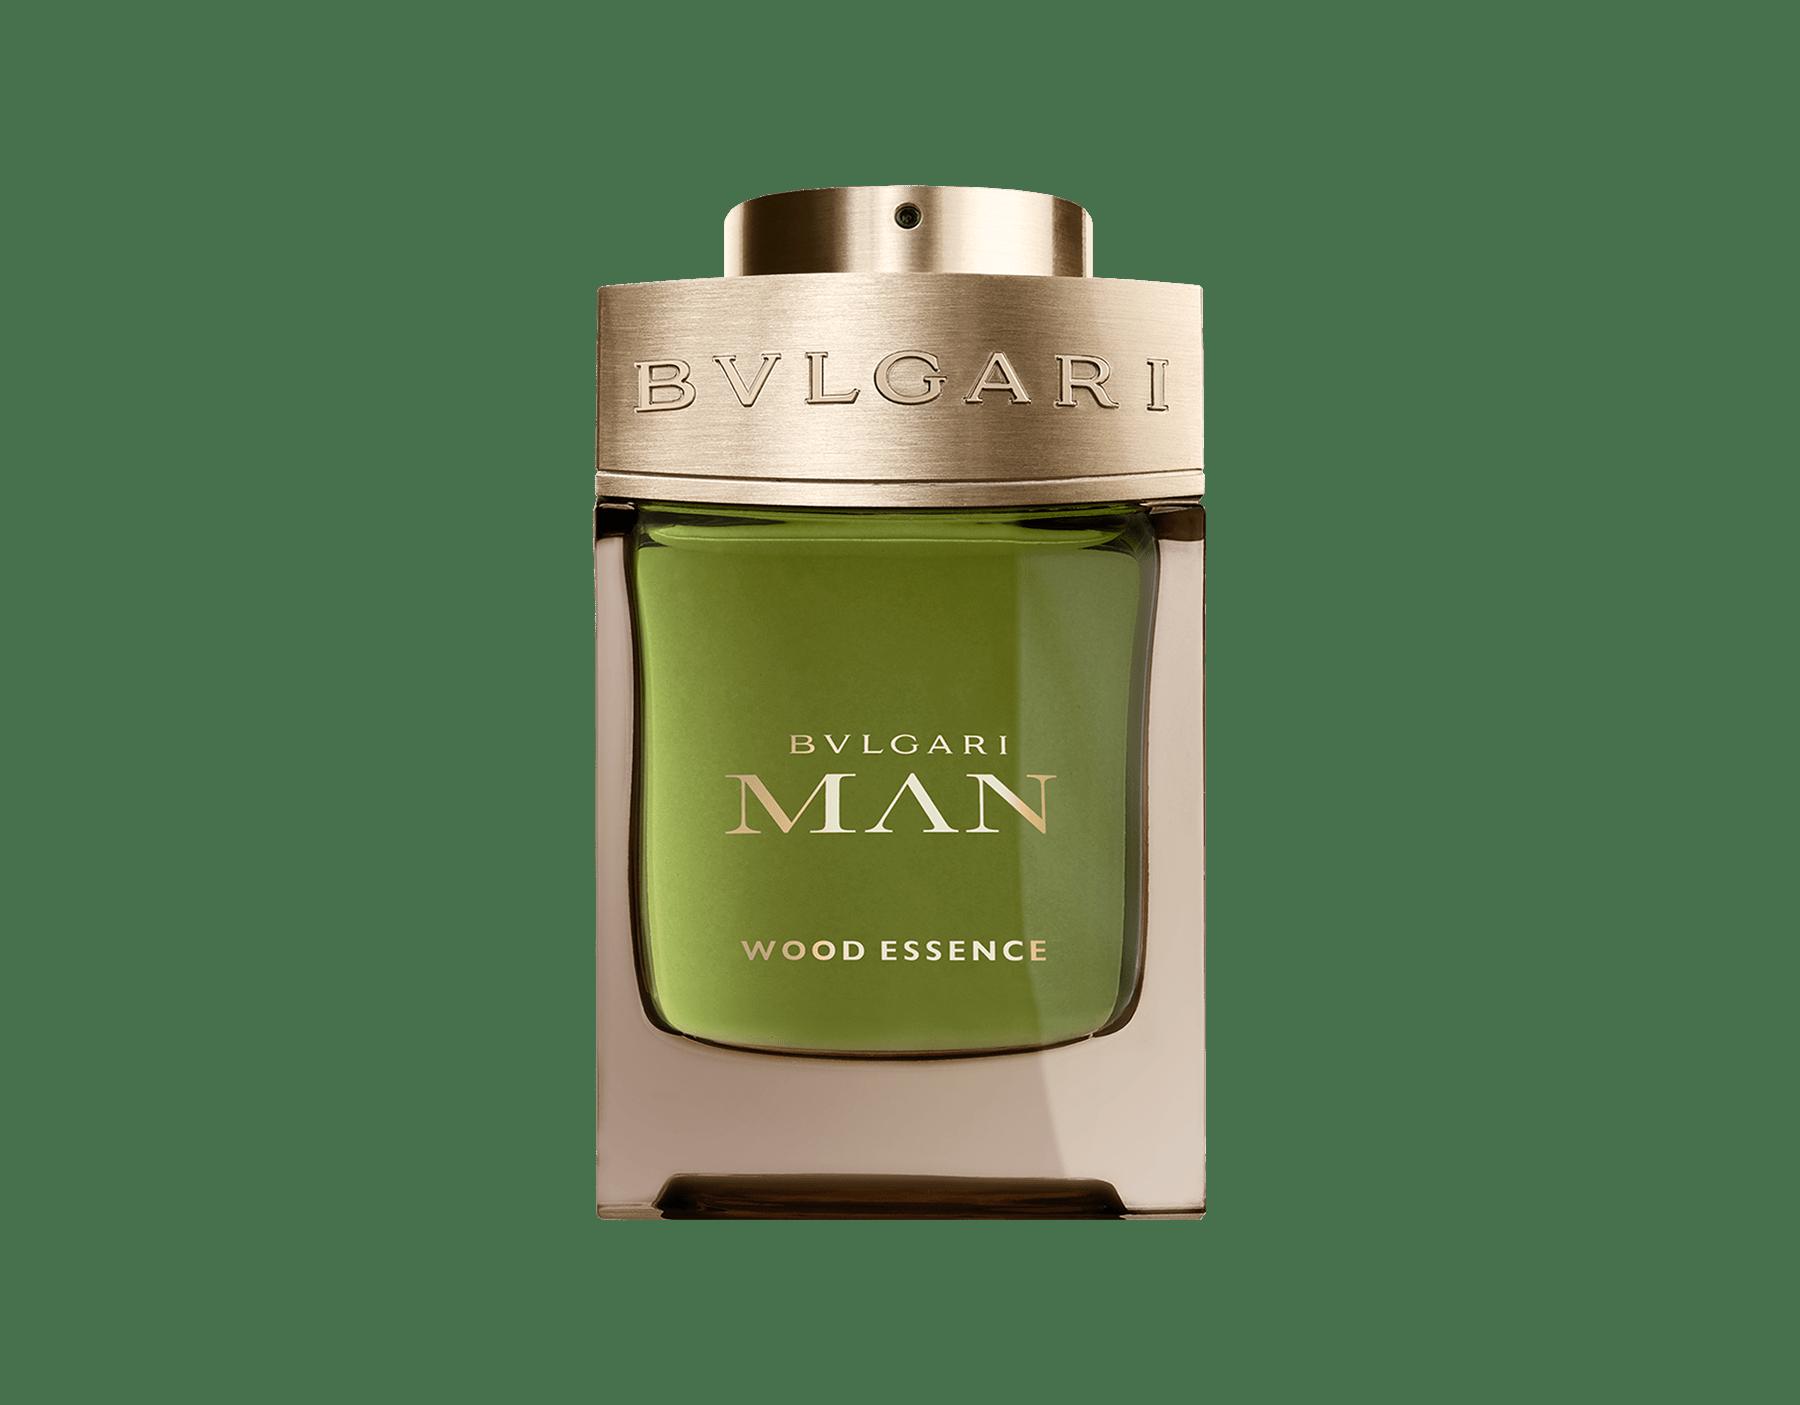 採用上等香料新木質香氛,包括香柏、柏木和香根草,並與溫暖和煦的安息香脂產生共鳴。 46100 image 1